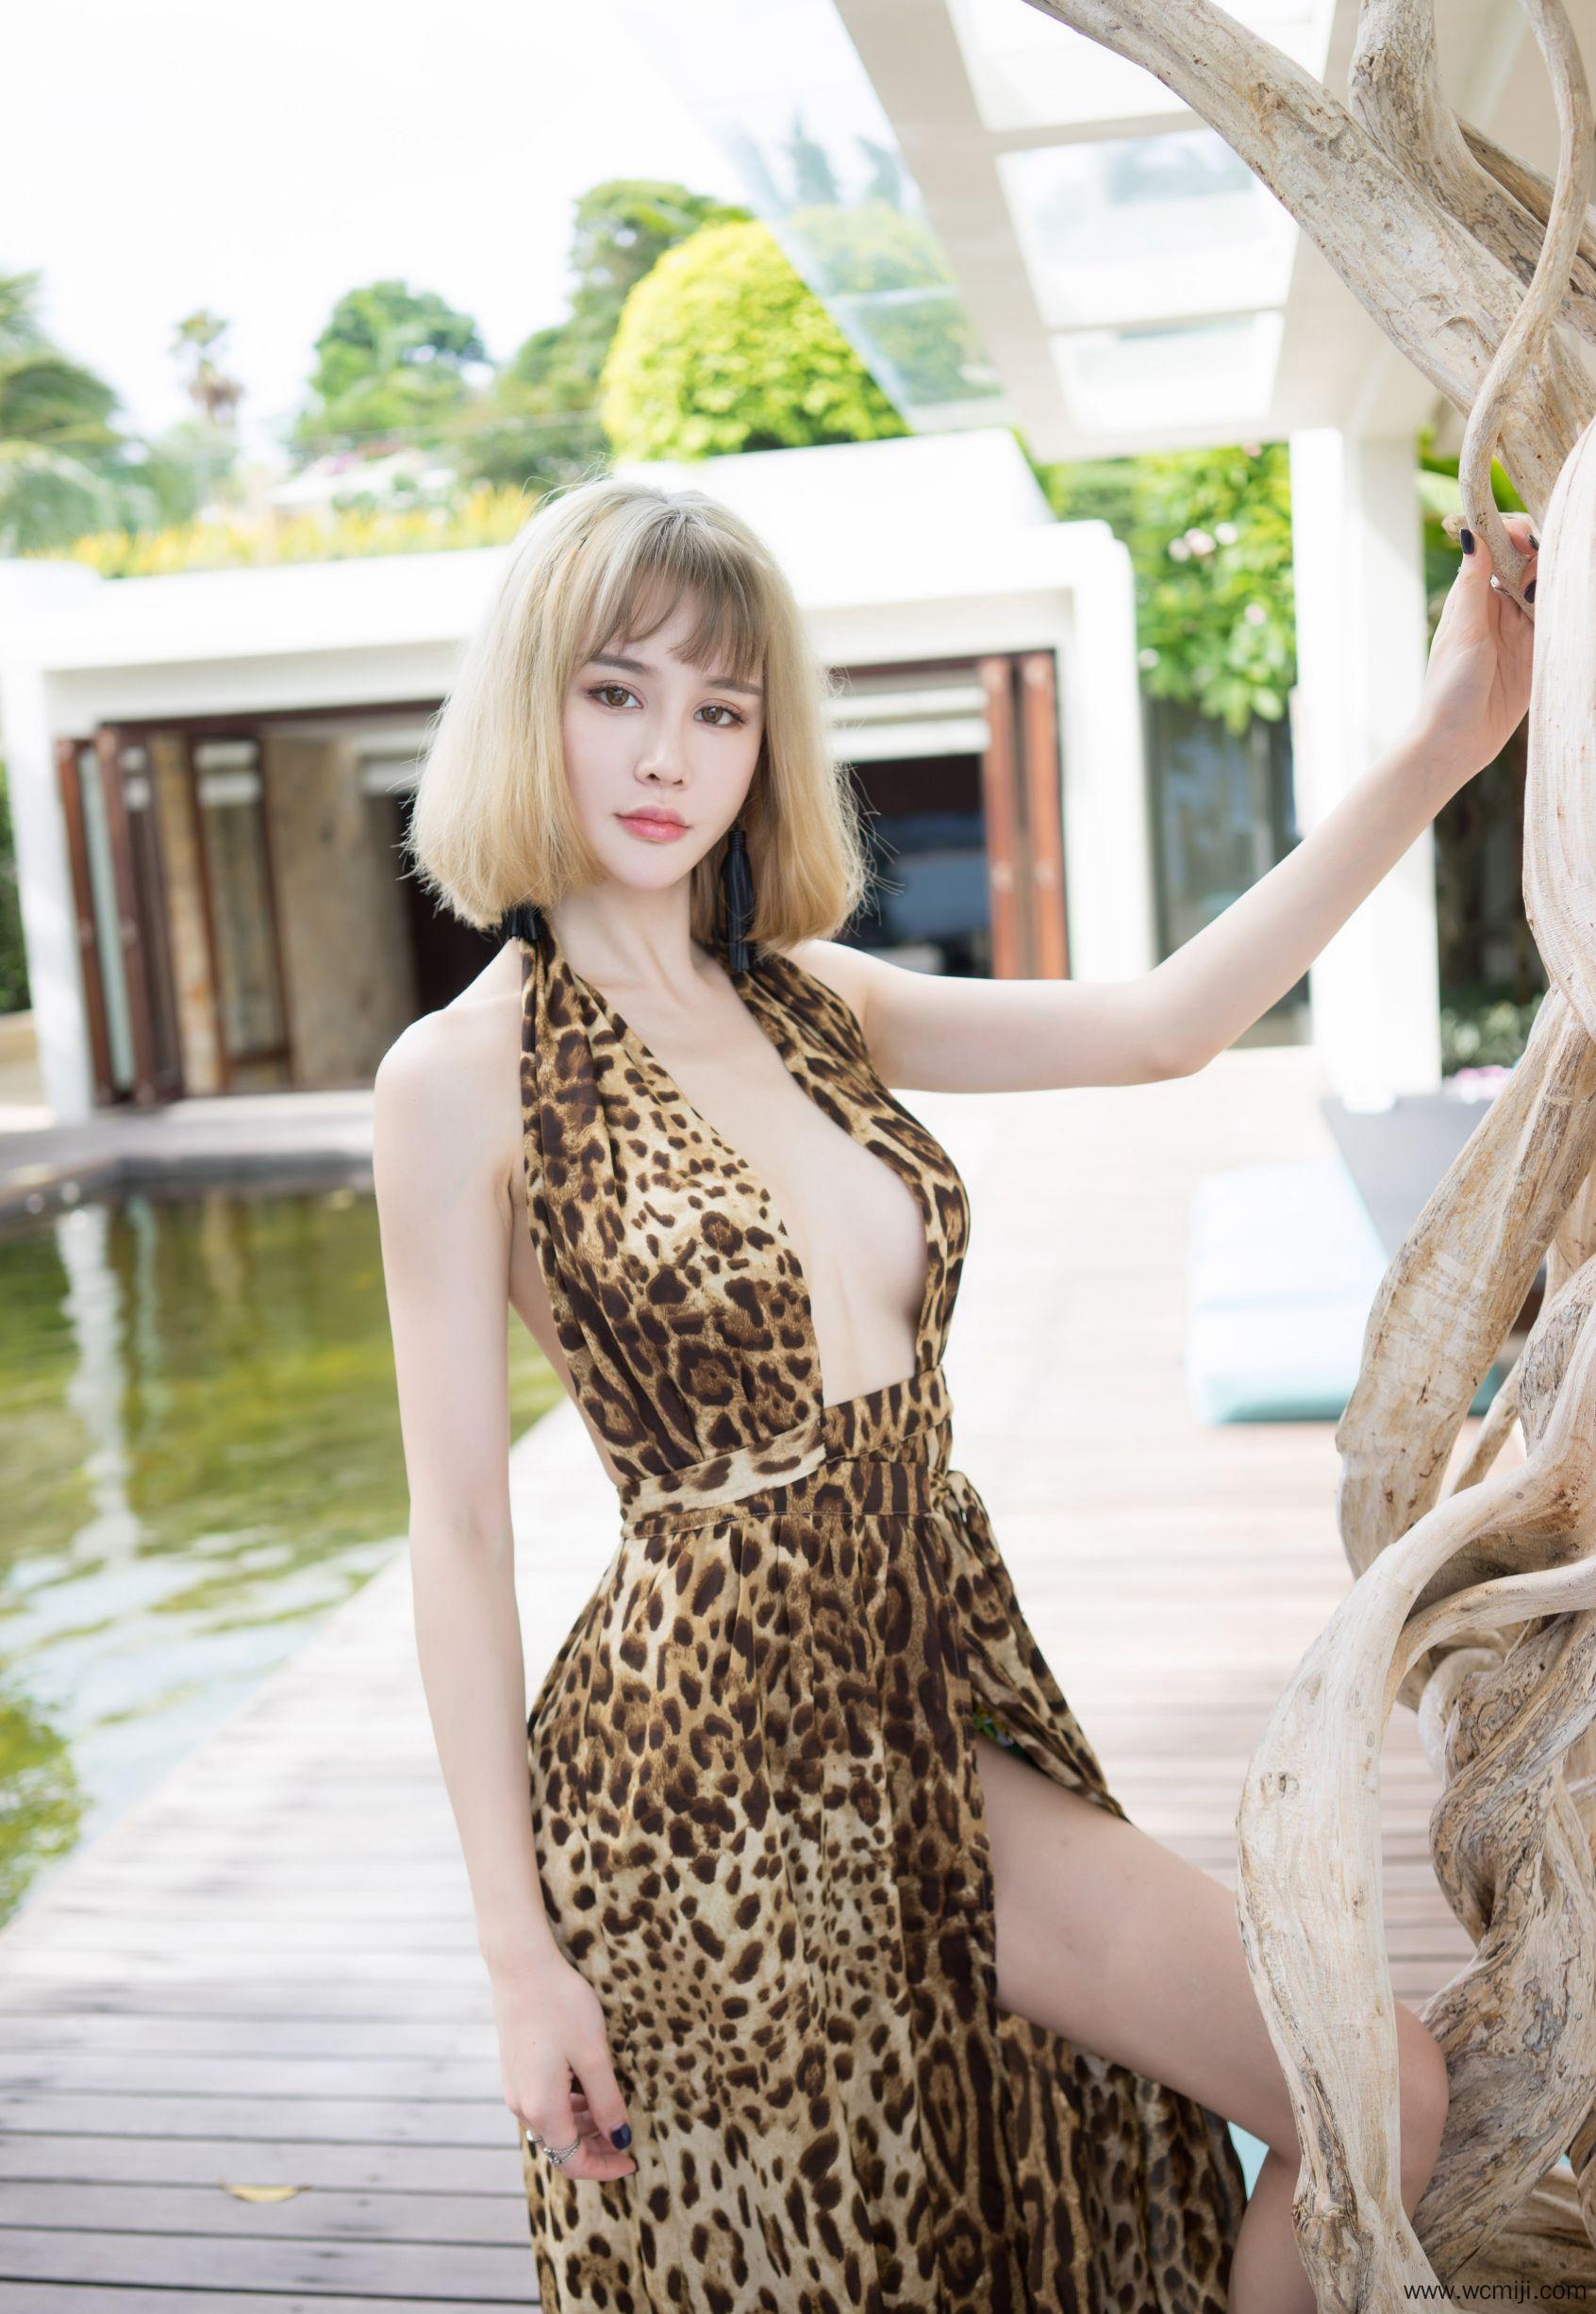 【个人写真】【Sukki】豹纹乳贴少妇Sukki胸涌巨乳喷血人体艺术高清写真【38P】 写真集